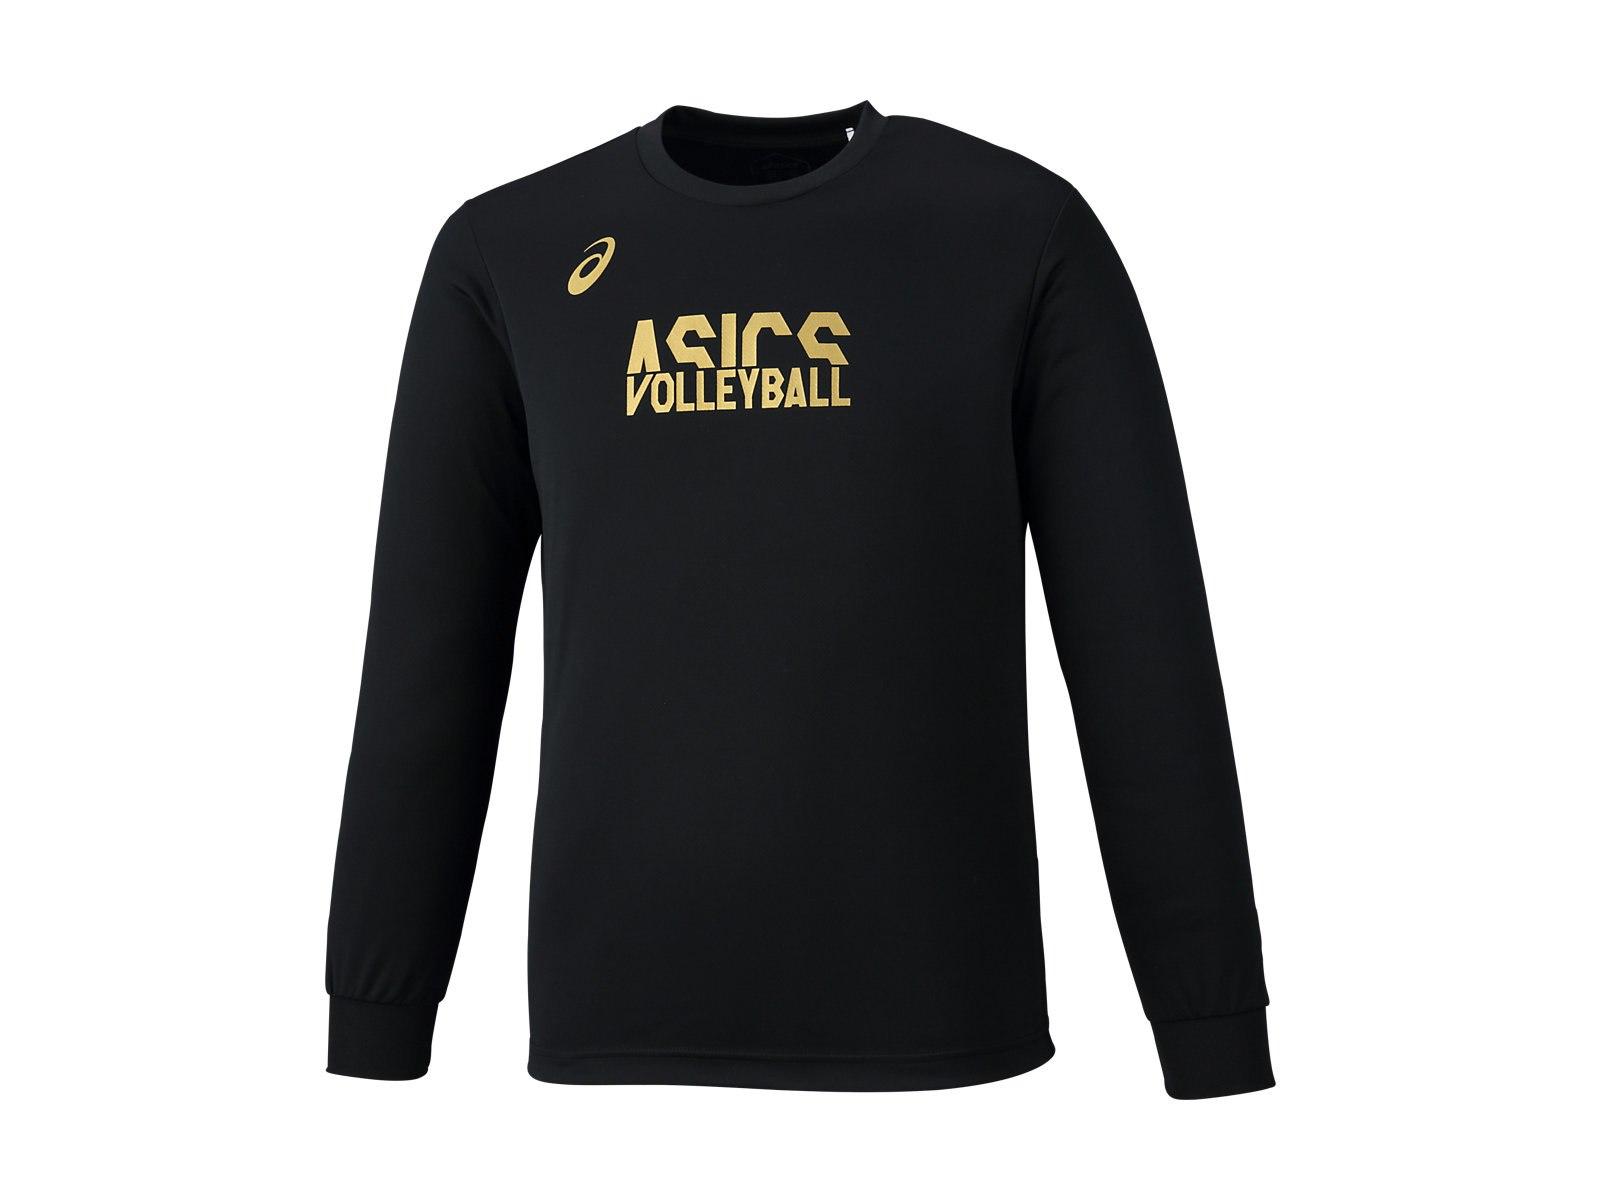 アシックス ロングスリーブ トップ 2053A005 メンズ ジュニア 2018AW バレーボール 2018秋冬 ゆうパケット(メール便)対応